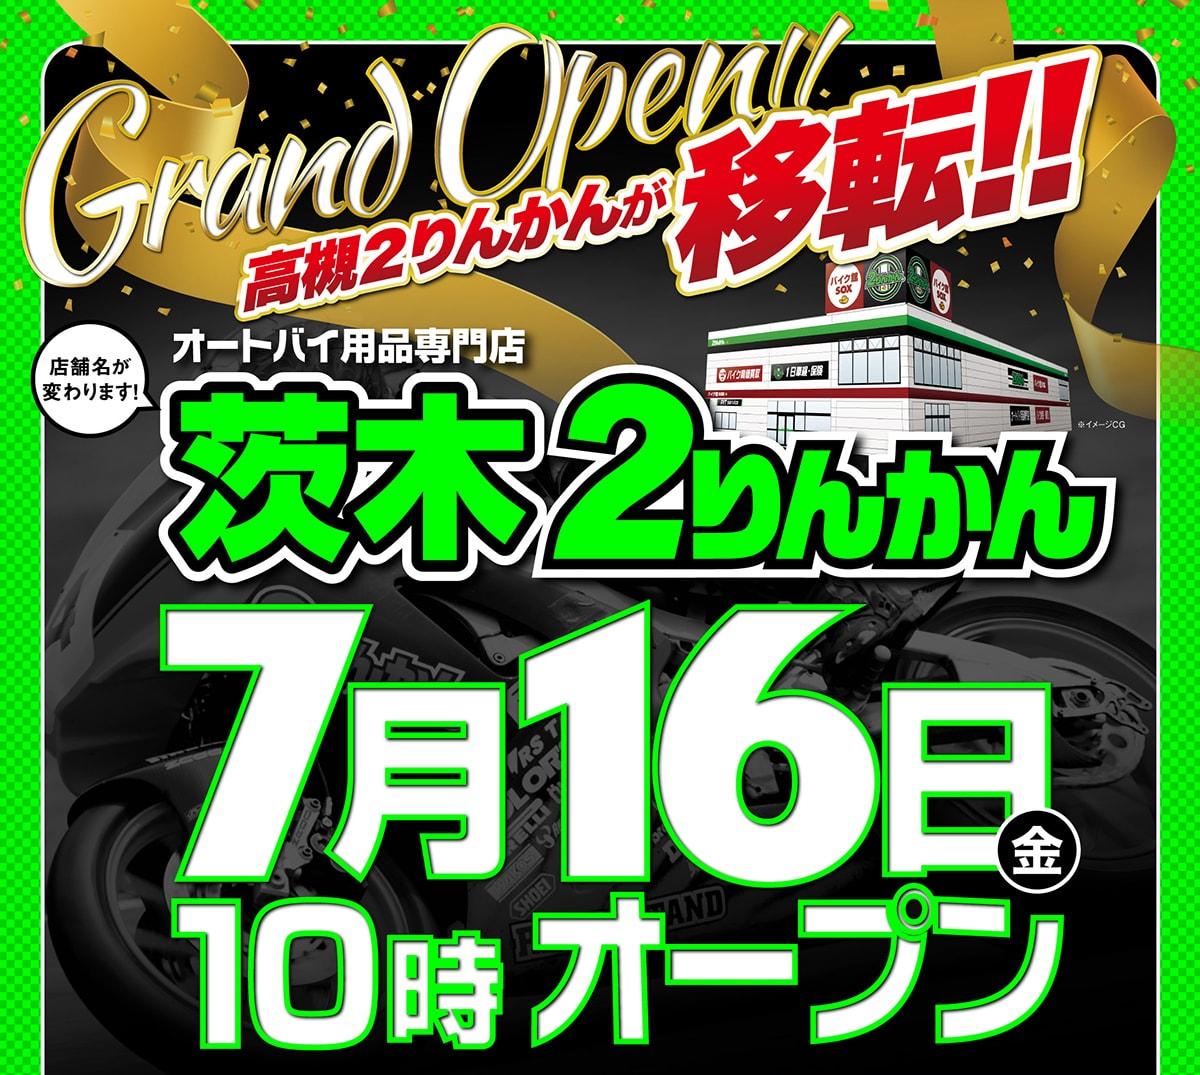 高槻2りんかんから「茨木2りんかん」に生まれ変わり、7月16日(金)移転リニューアルオープン!